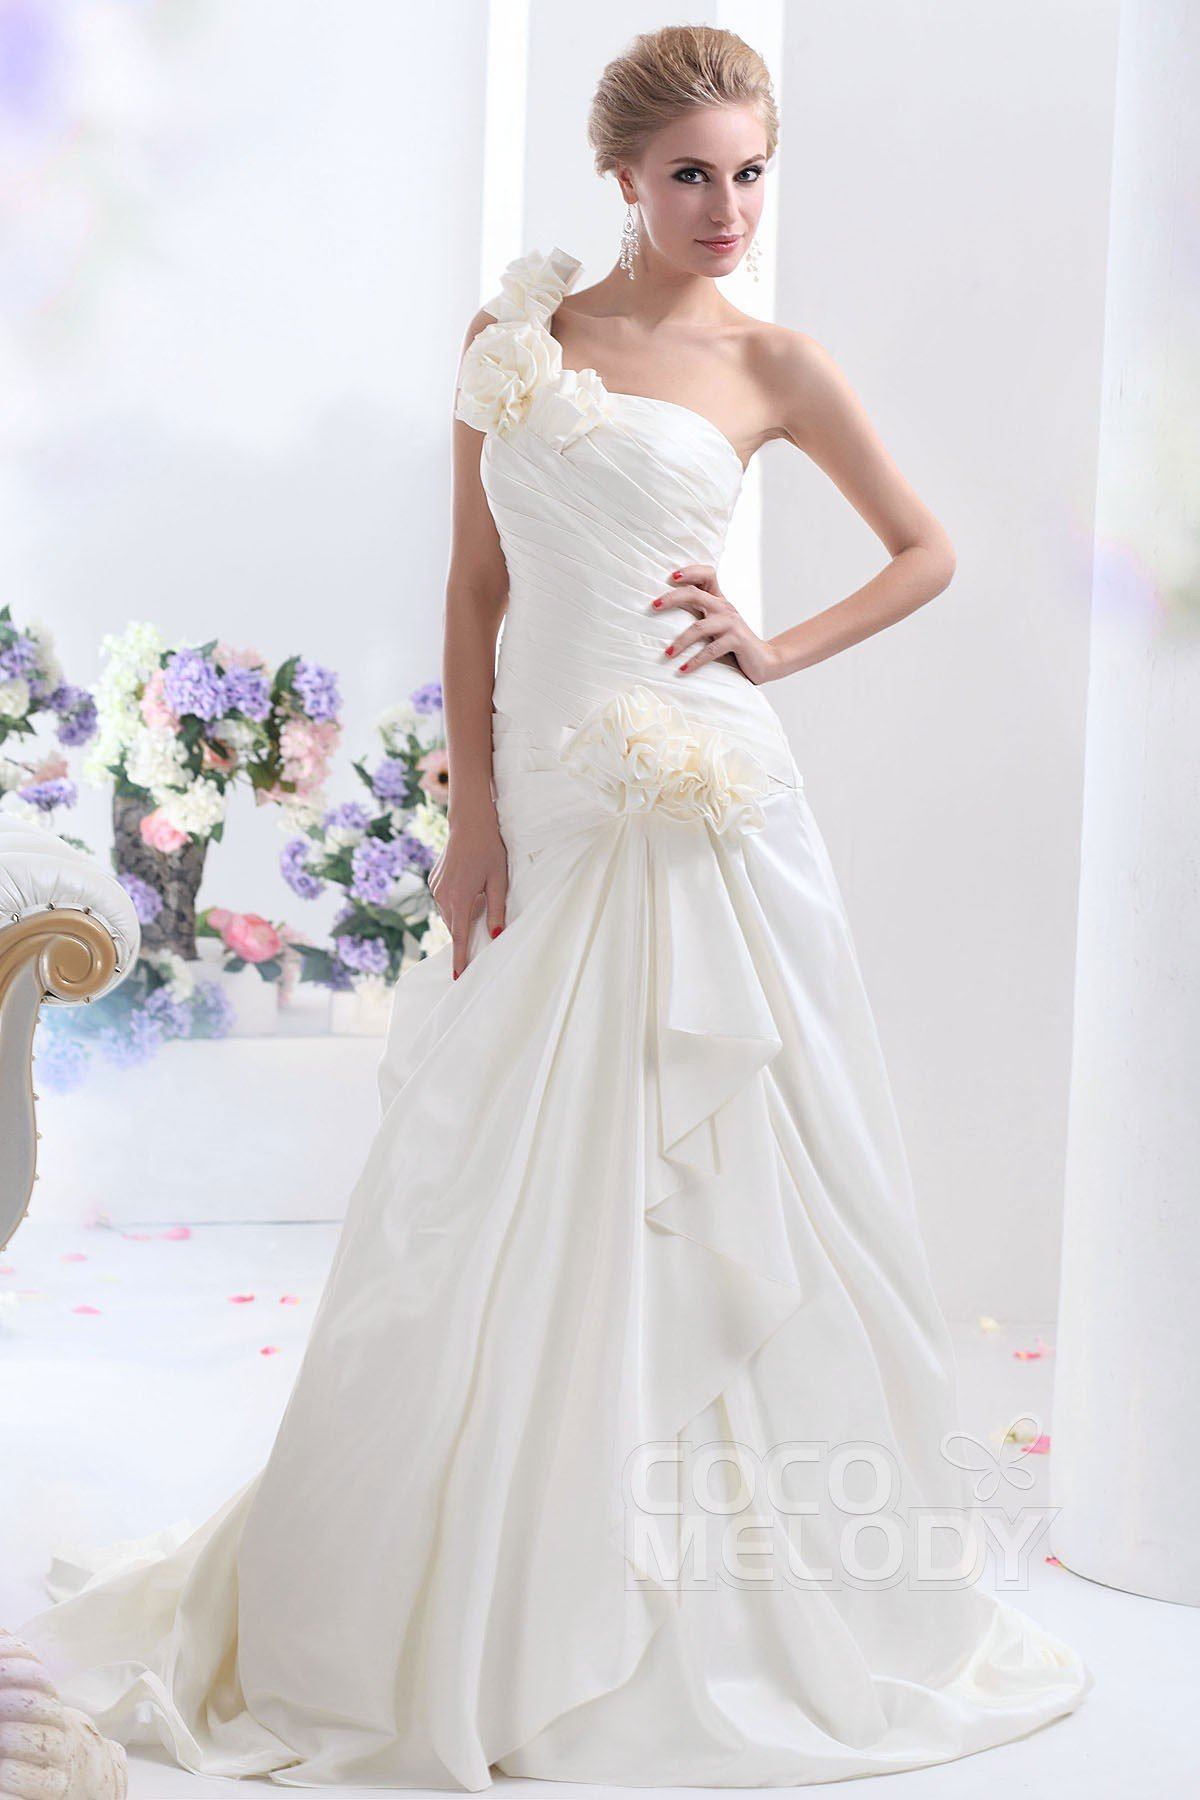 Ungewöhnlich Taffeta Bridesmaid Dress Galerie - Brautkleider Ideen ...